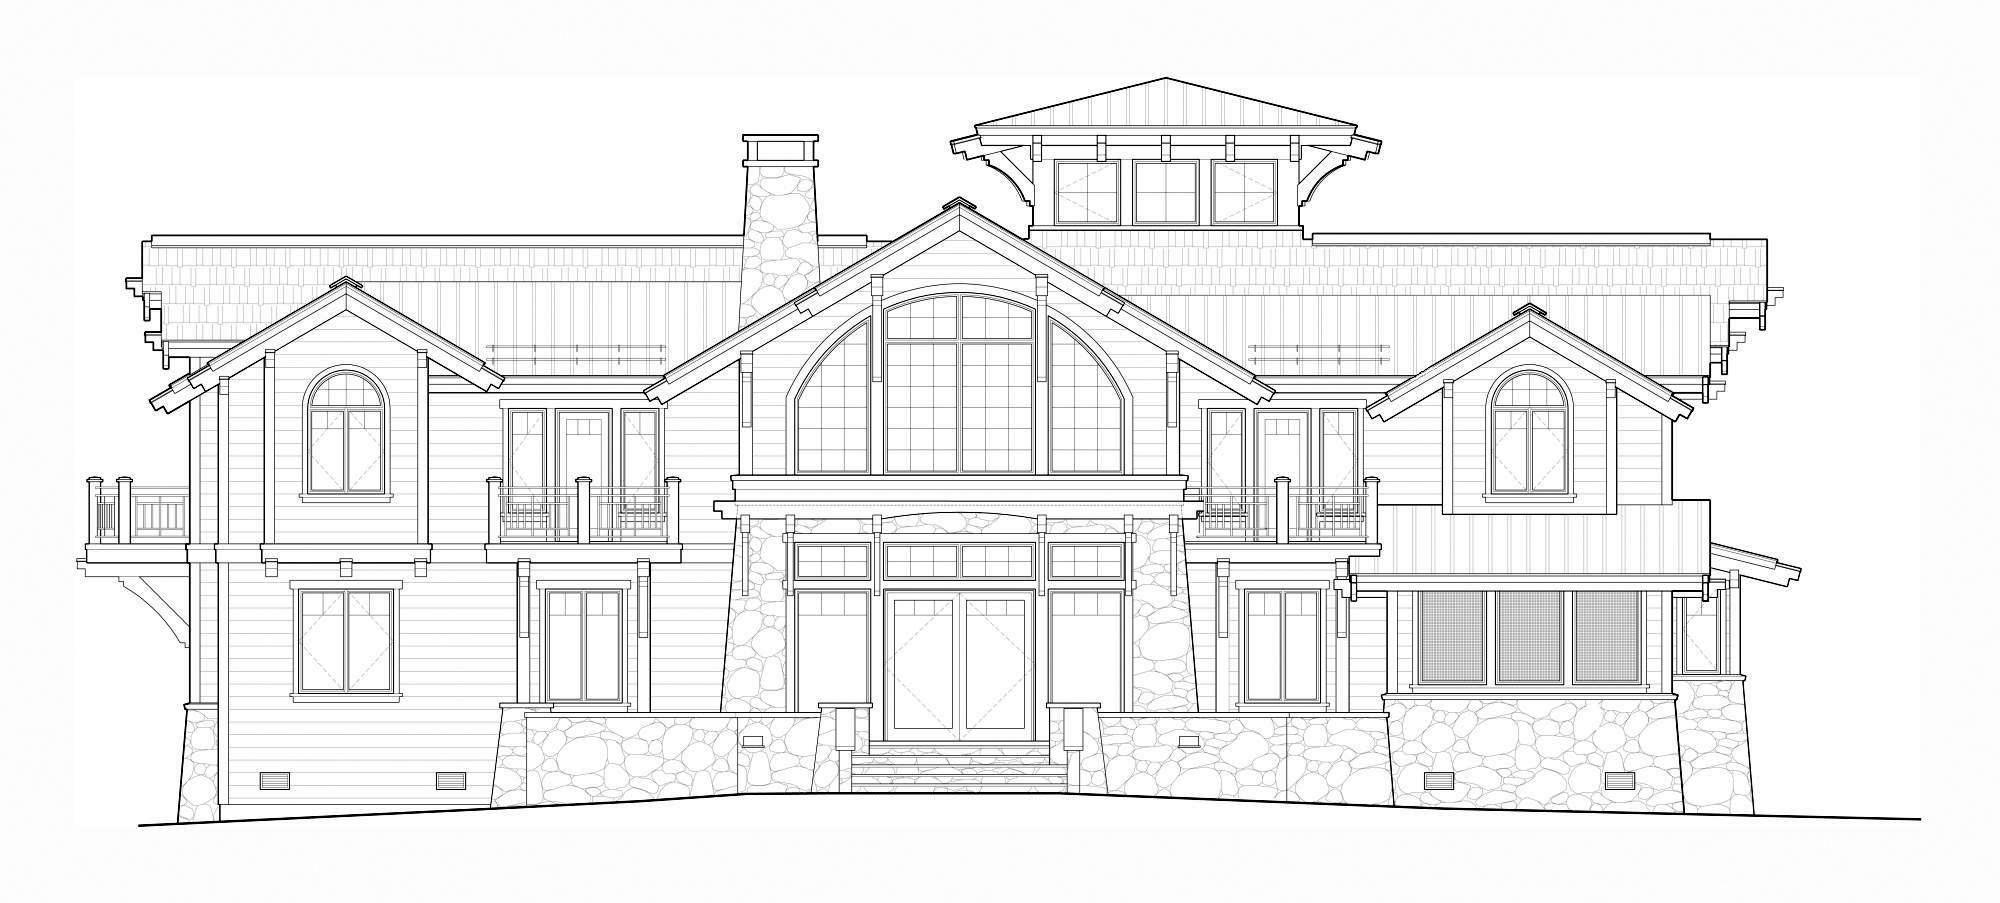 Mountain Architects: Hendricks Architecture Idaho – Sketches to ...